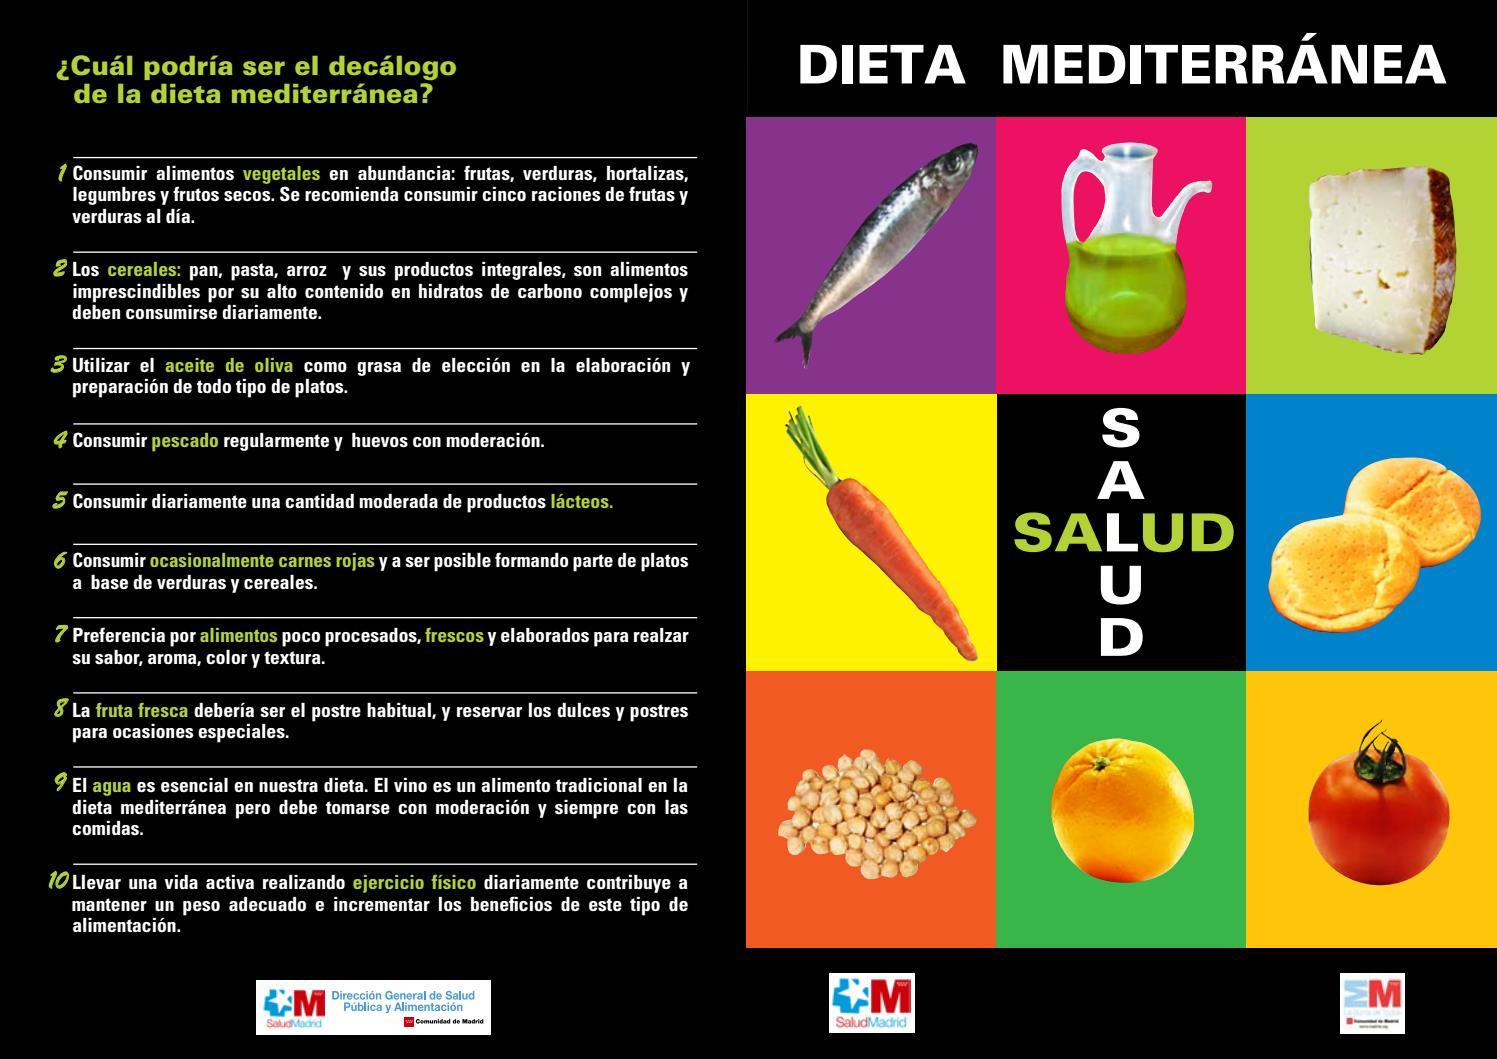 como llevar una dieta mediterranea